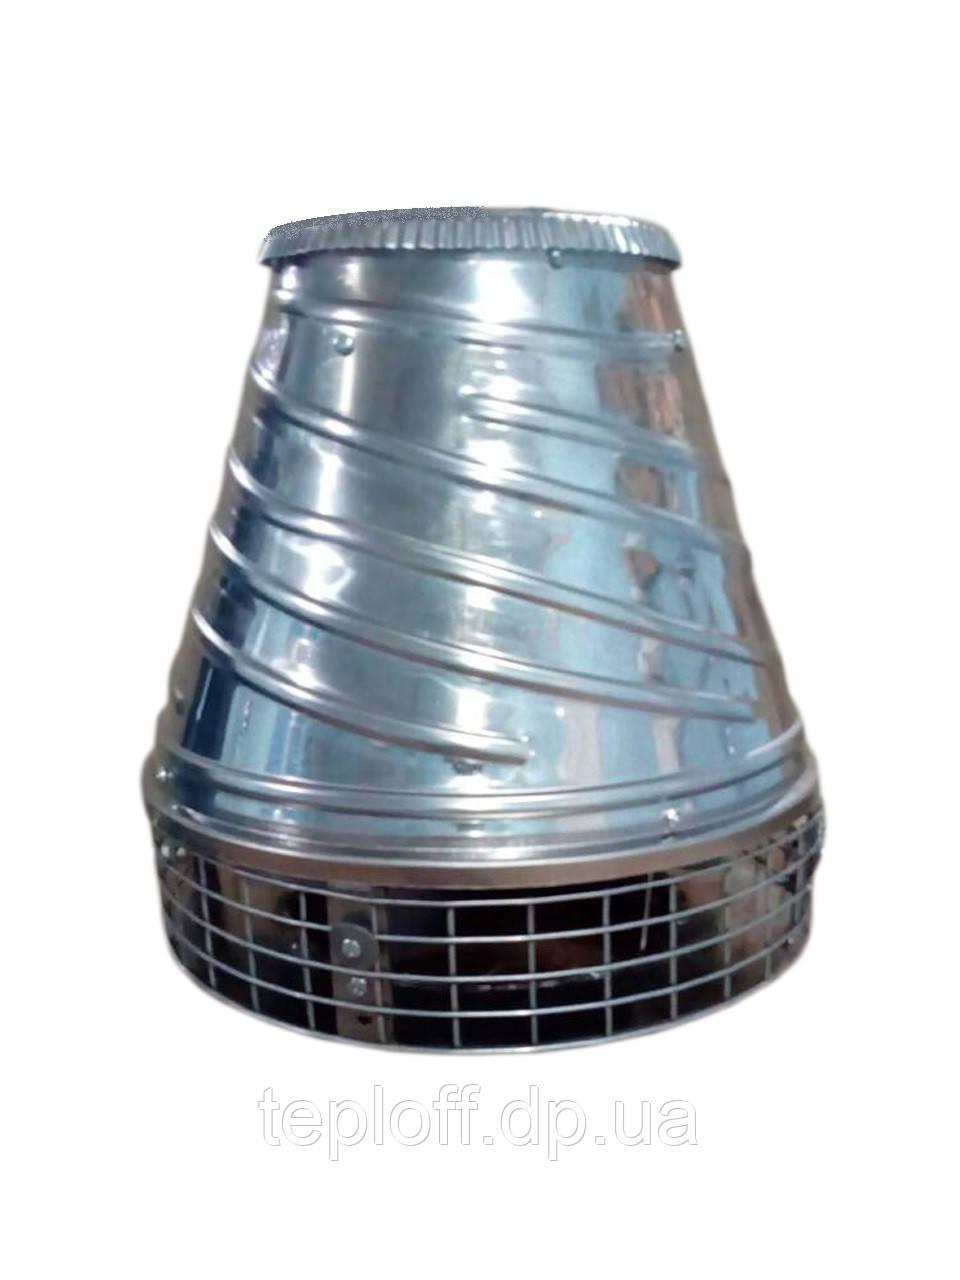 Дымосос крышный для камина 750м3/ч, нержавейка